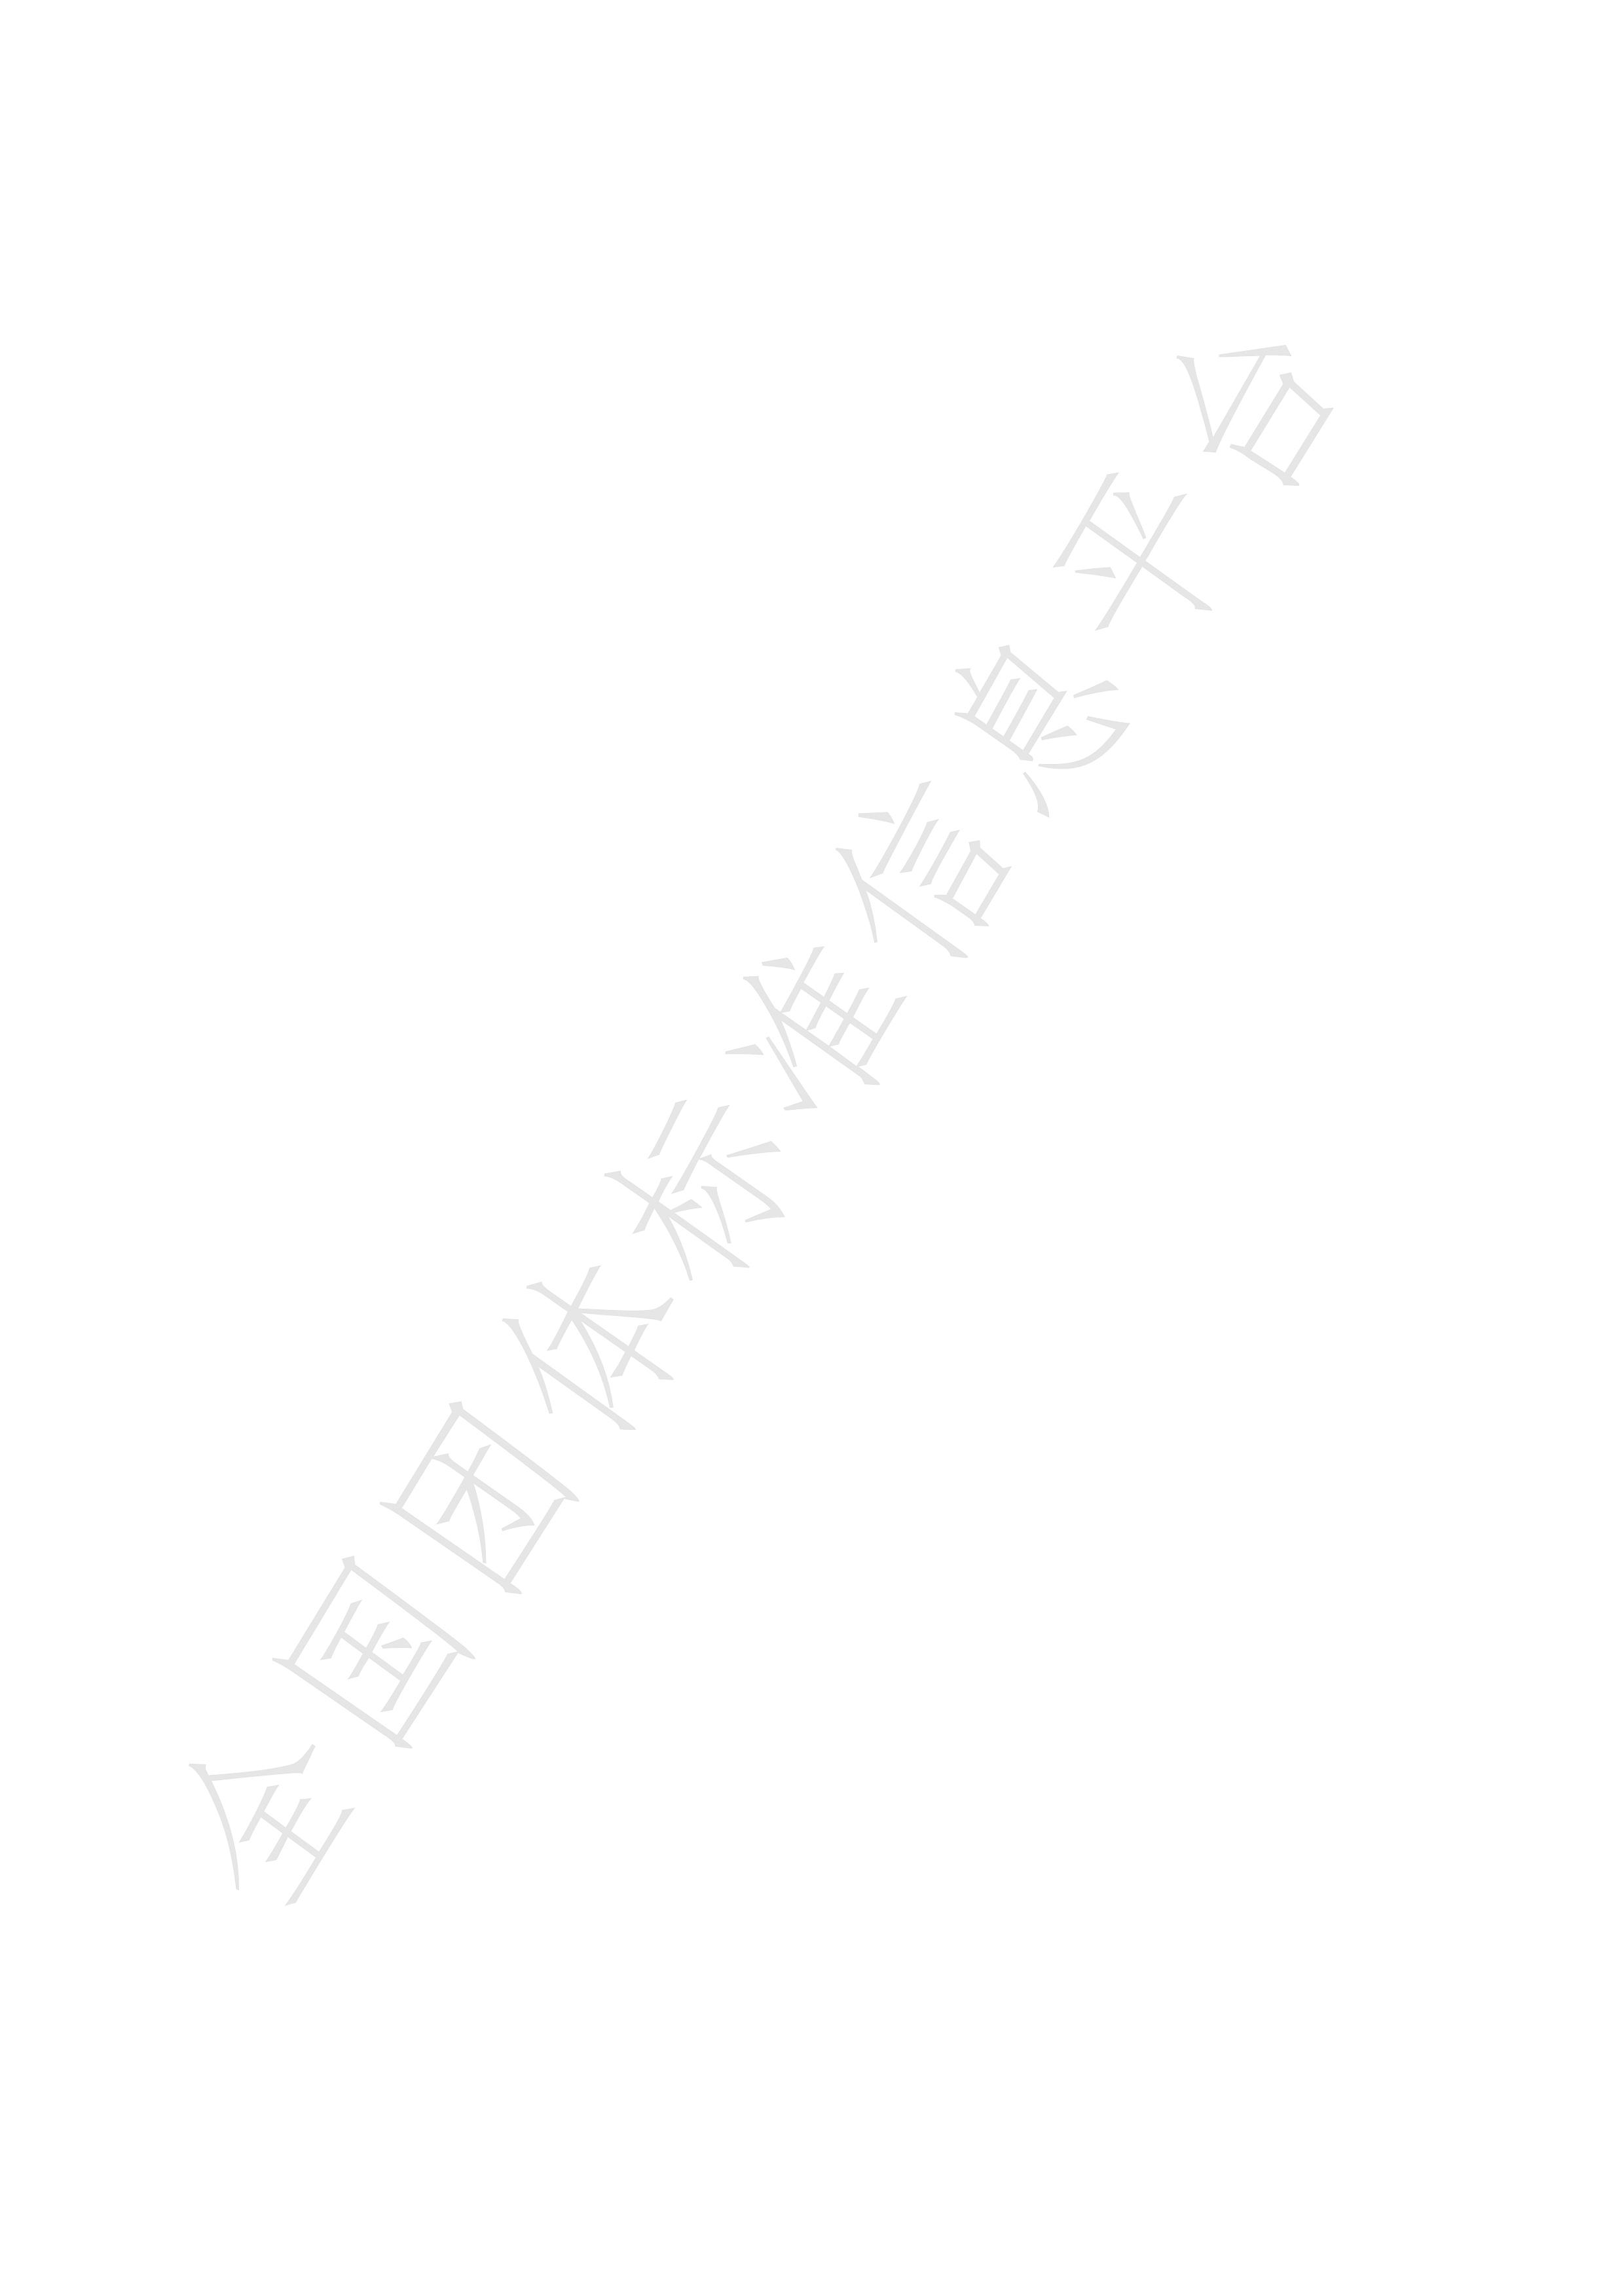 《采用国际标准产品评价规范》水印_2